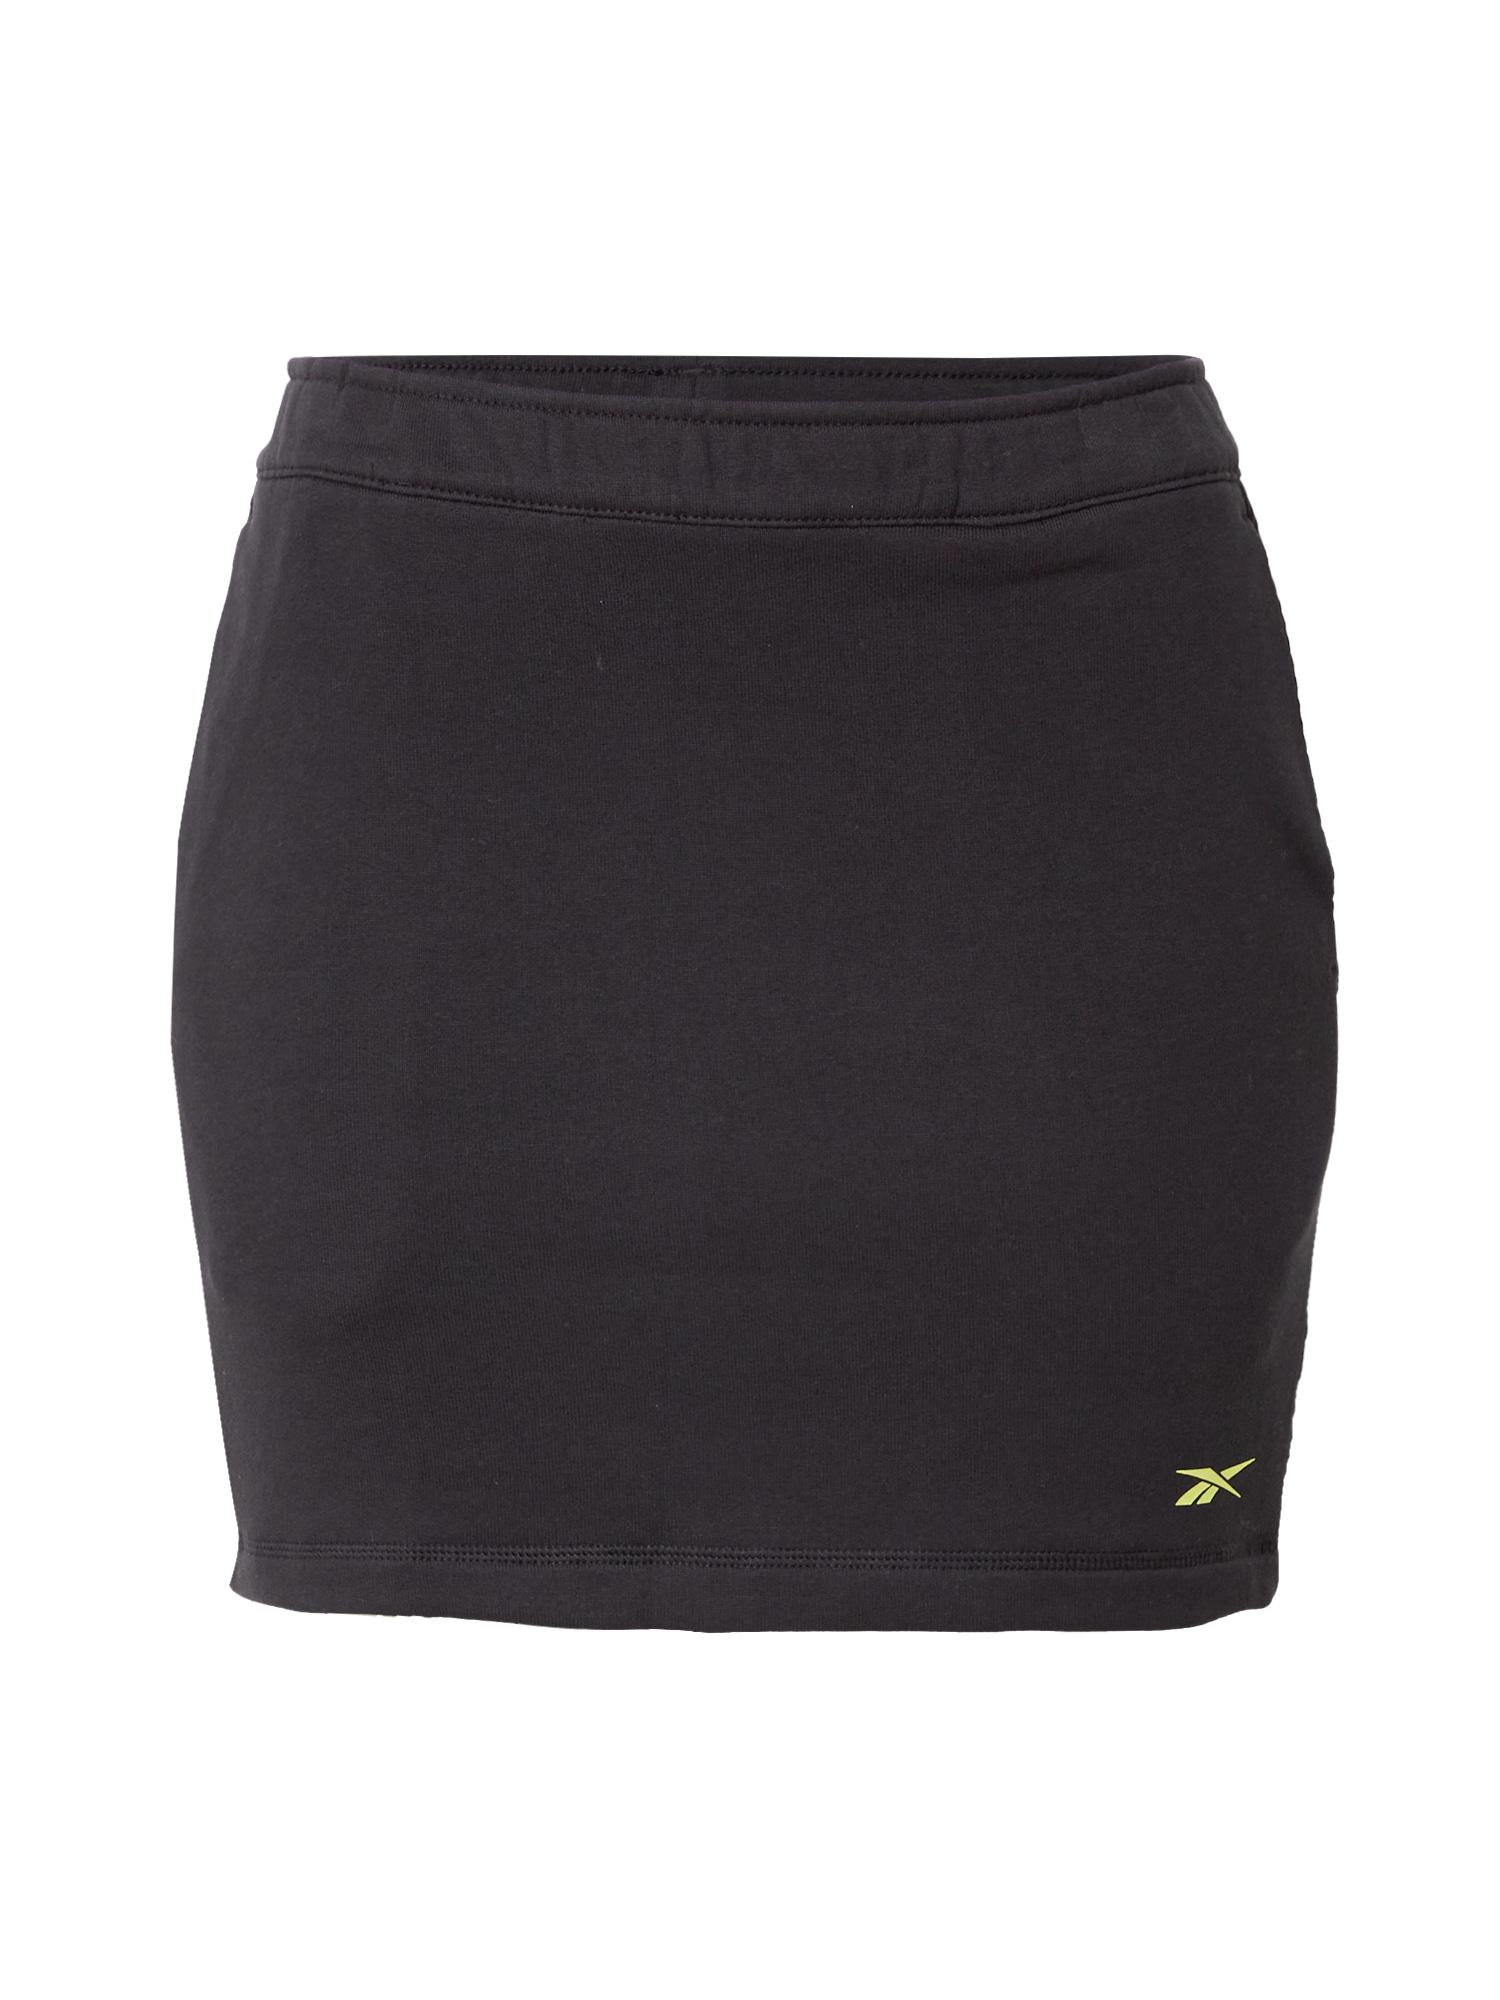 REEBOK Sportinio stiliaus sijonas 'Sorcha' juoda